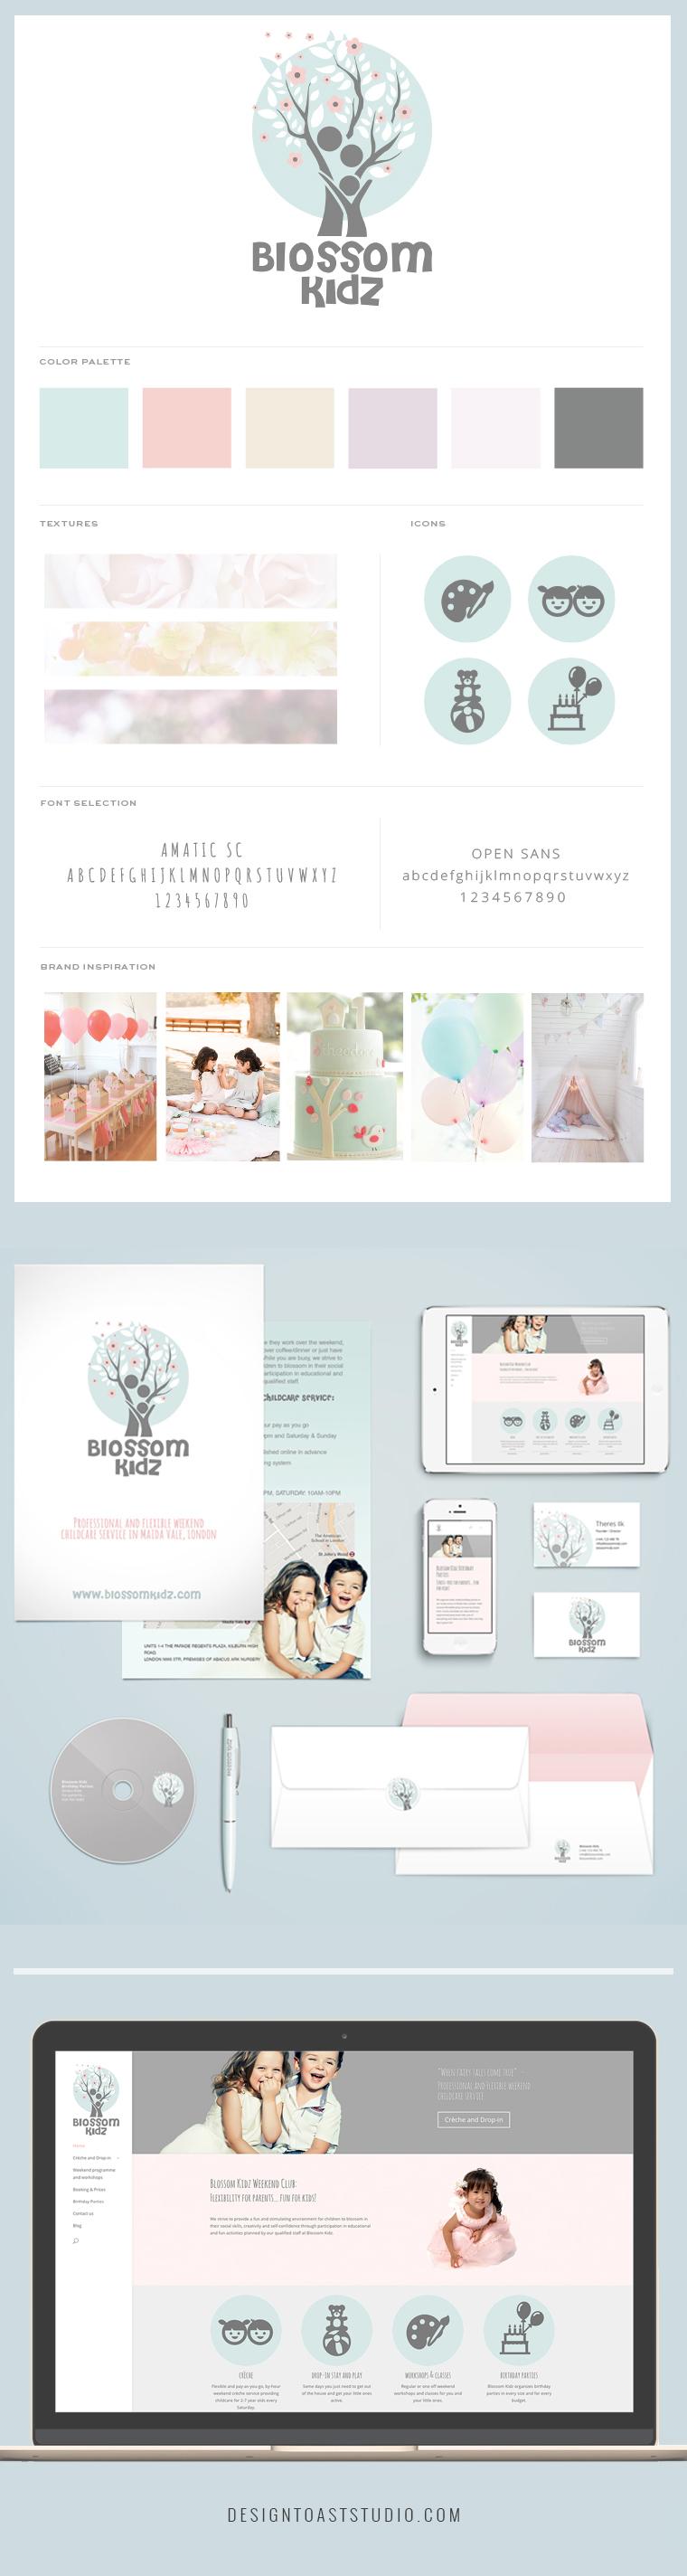 Blossom Kidz Branding Web Design Stationary Feminine Floral Brand Children